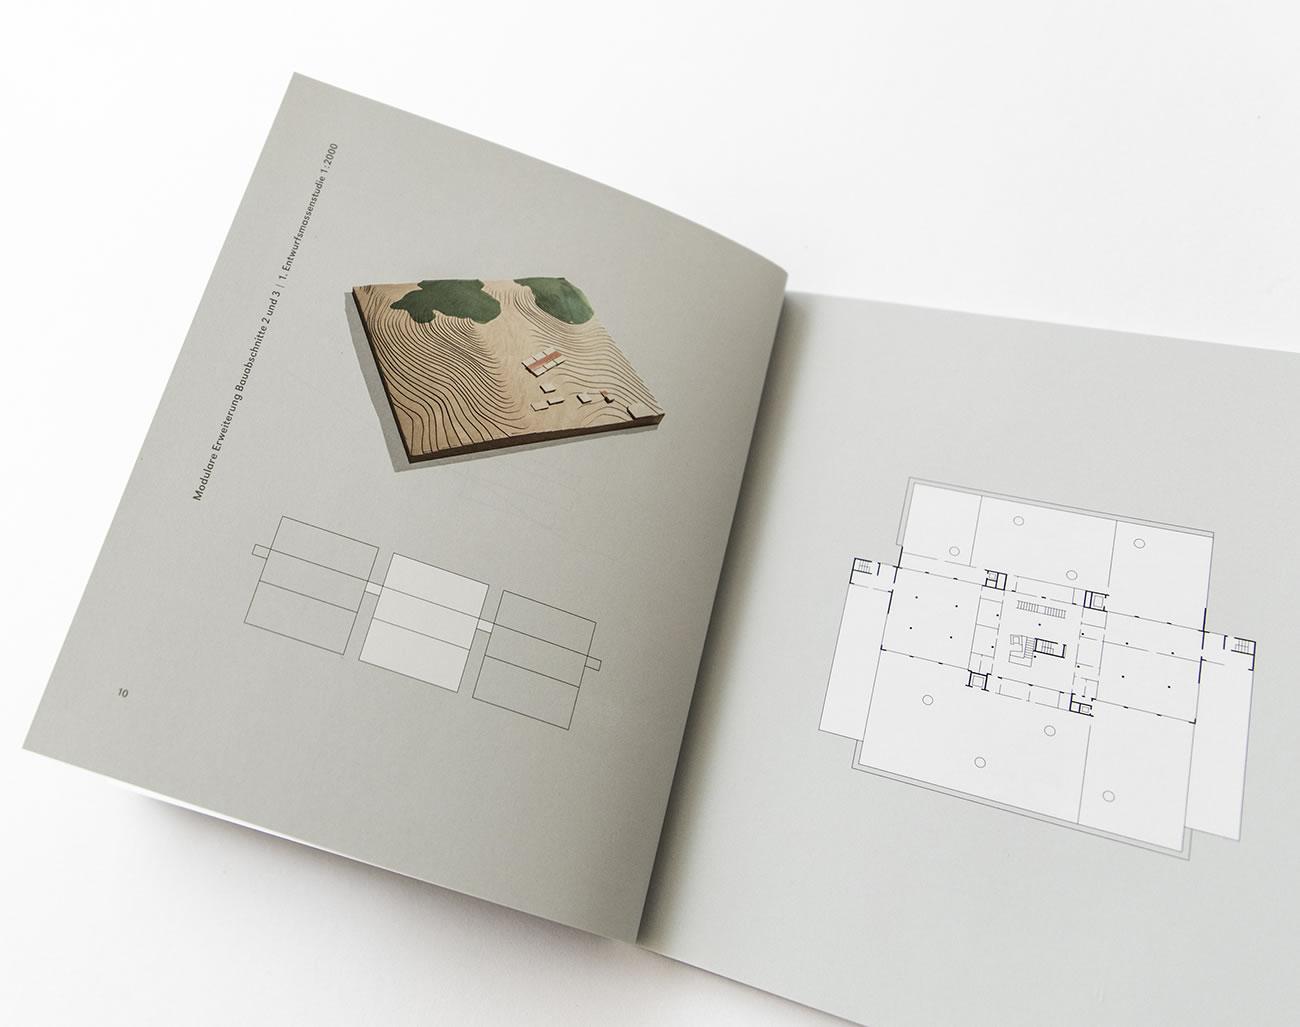 jb architekten, Schwan Stabilo, Zeichnung